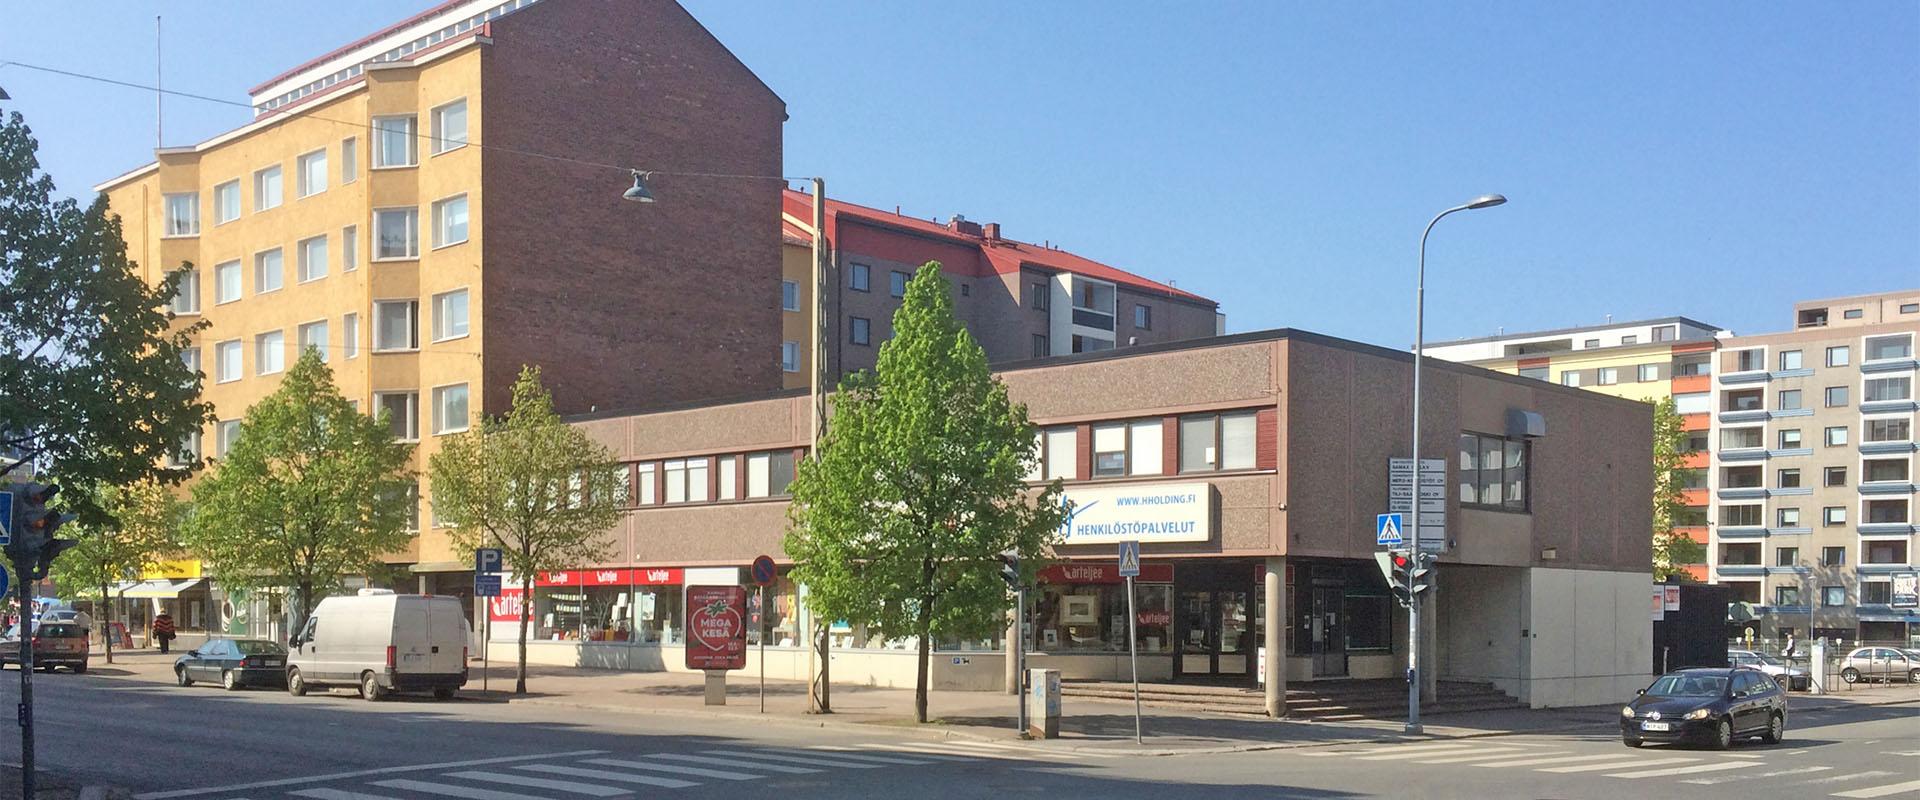 Tampereen Tietokonehuolto (Teknotaikurit), Tammelan puistokatu 22, 33100 Tampere